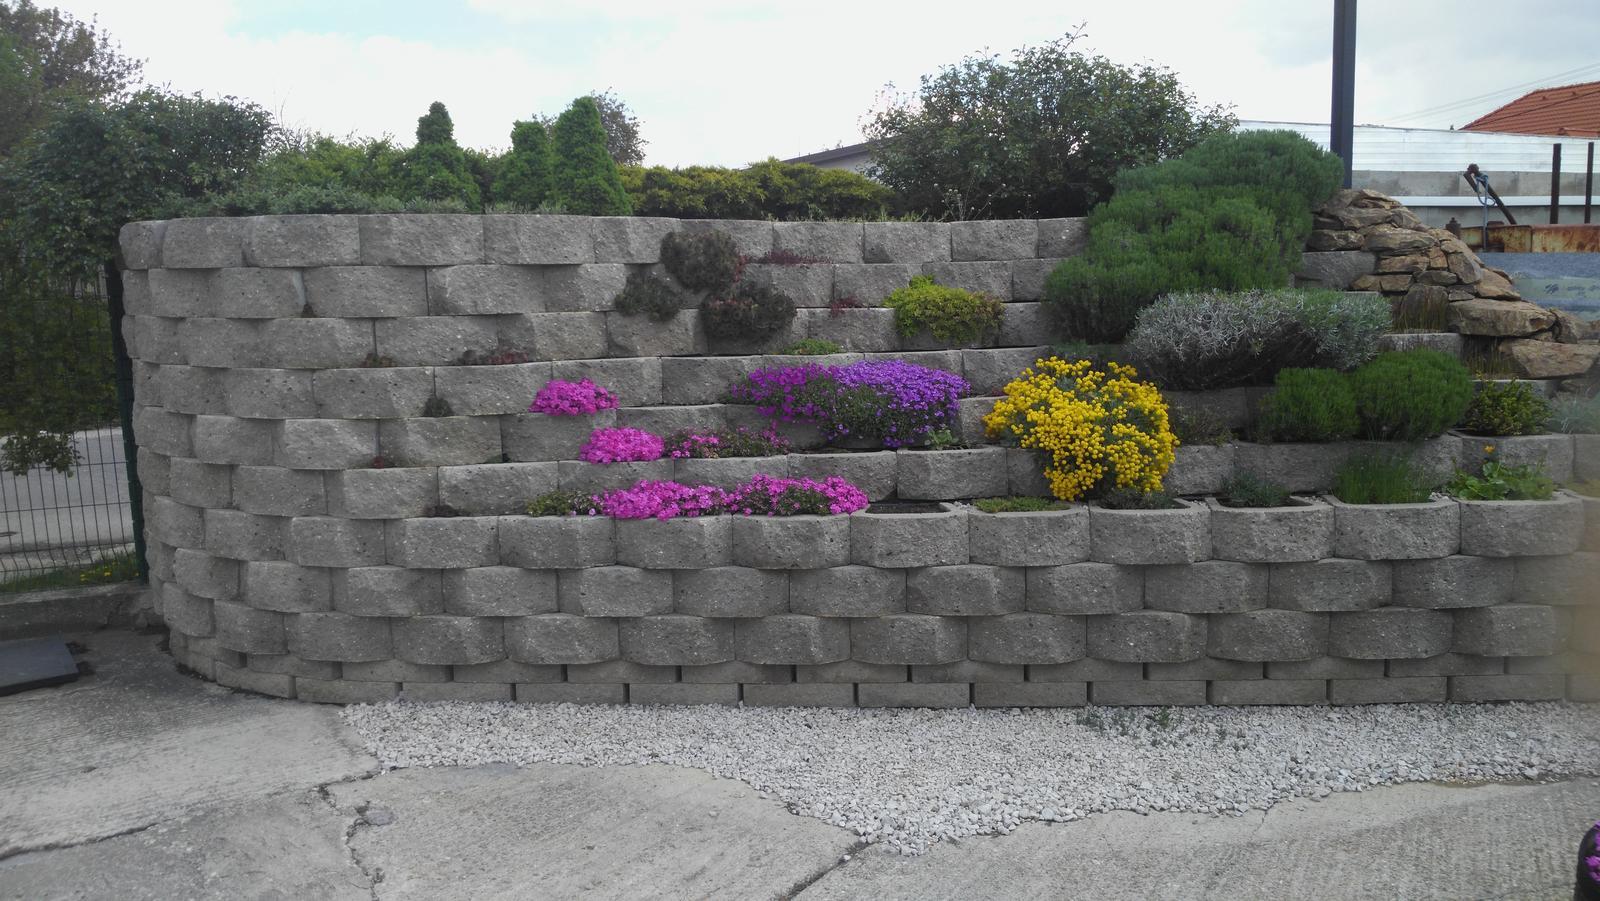 07 Vegetačný oporný múr sa na jar prebúdza ( rozšírené 19.6.2020 ) - 2017 04 19 Zazeleneli sa aj ružové kríky a levandula výrazne zmohutnela